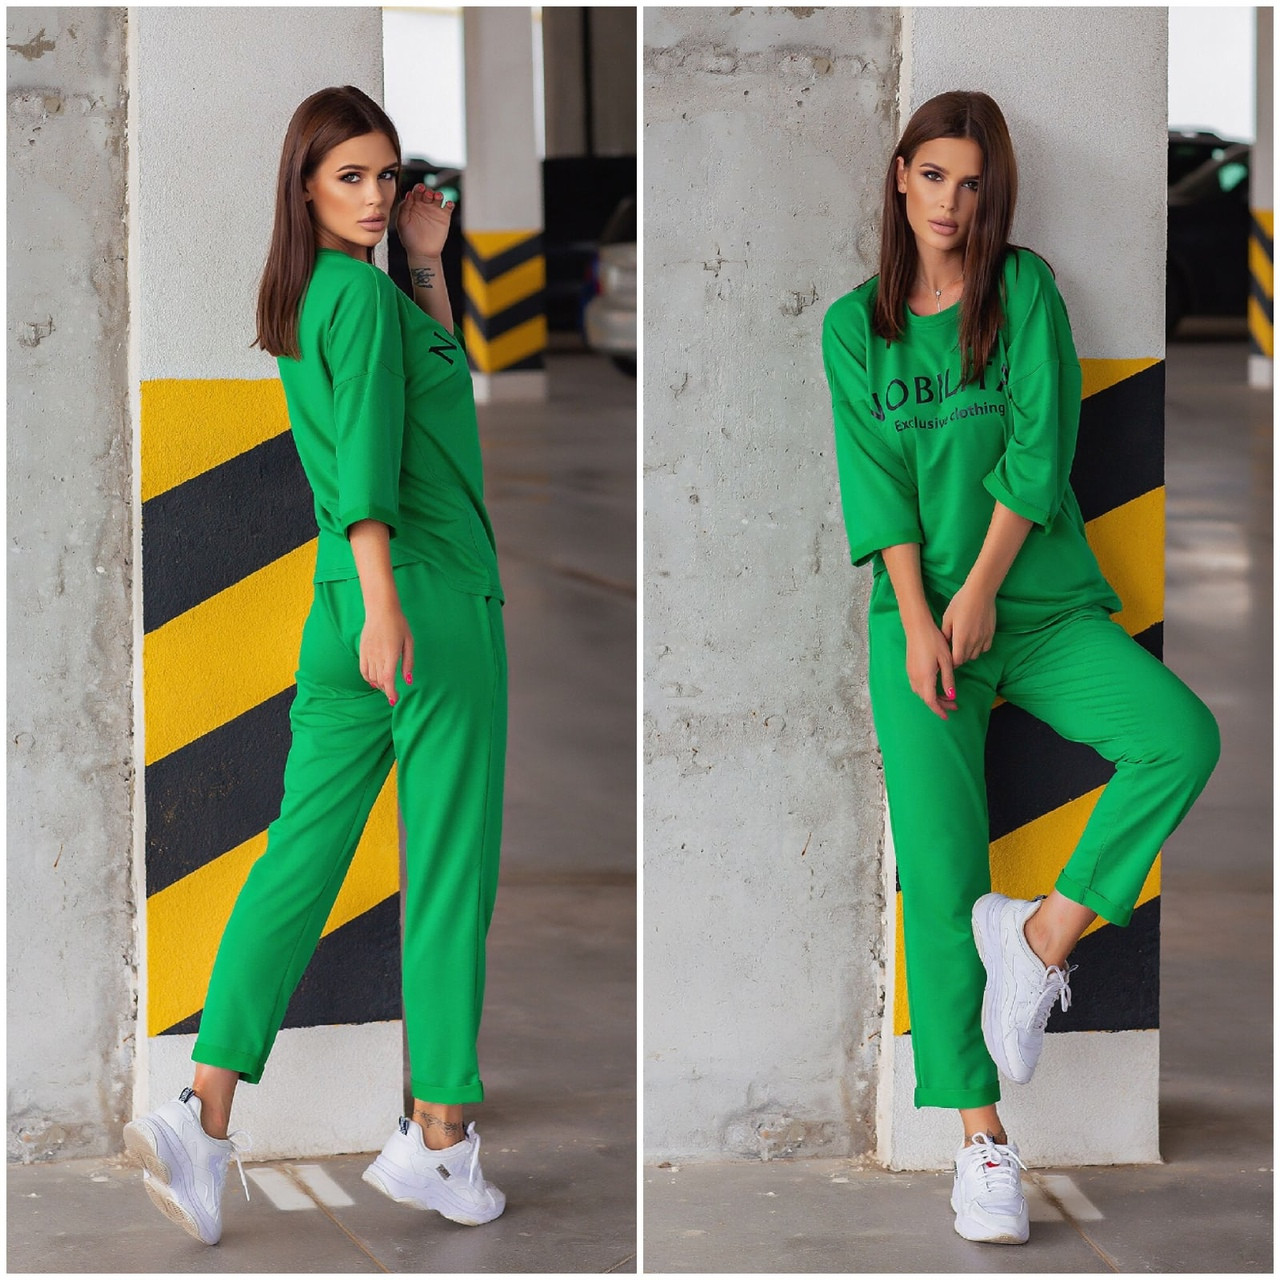 Спортивний костюм жіночий NOBILITAS 42 - 48 зелений трикотаж (арт. 21007)